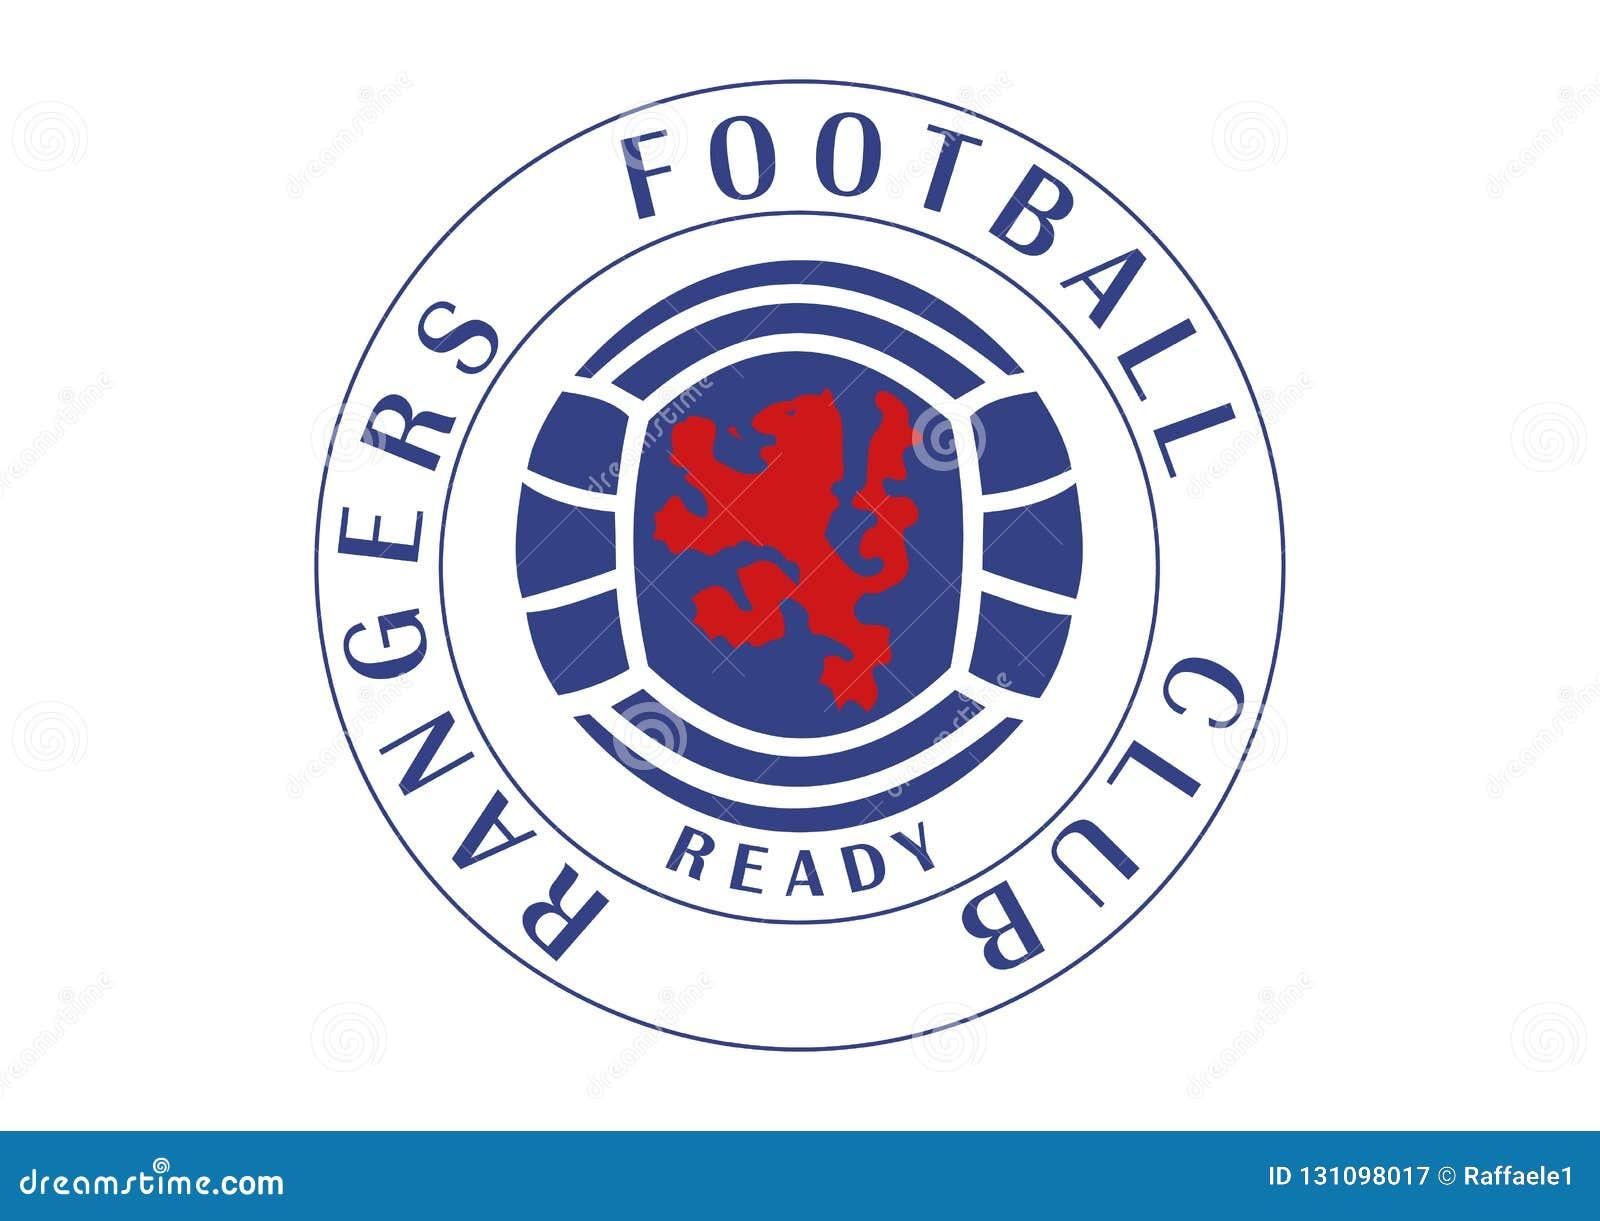 Leśniczego futbolu klubu logo